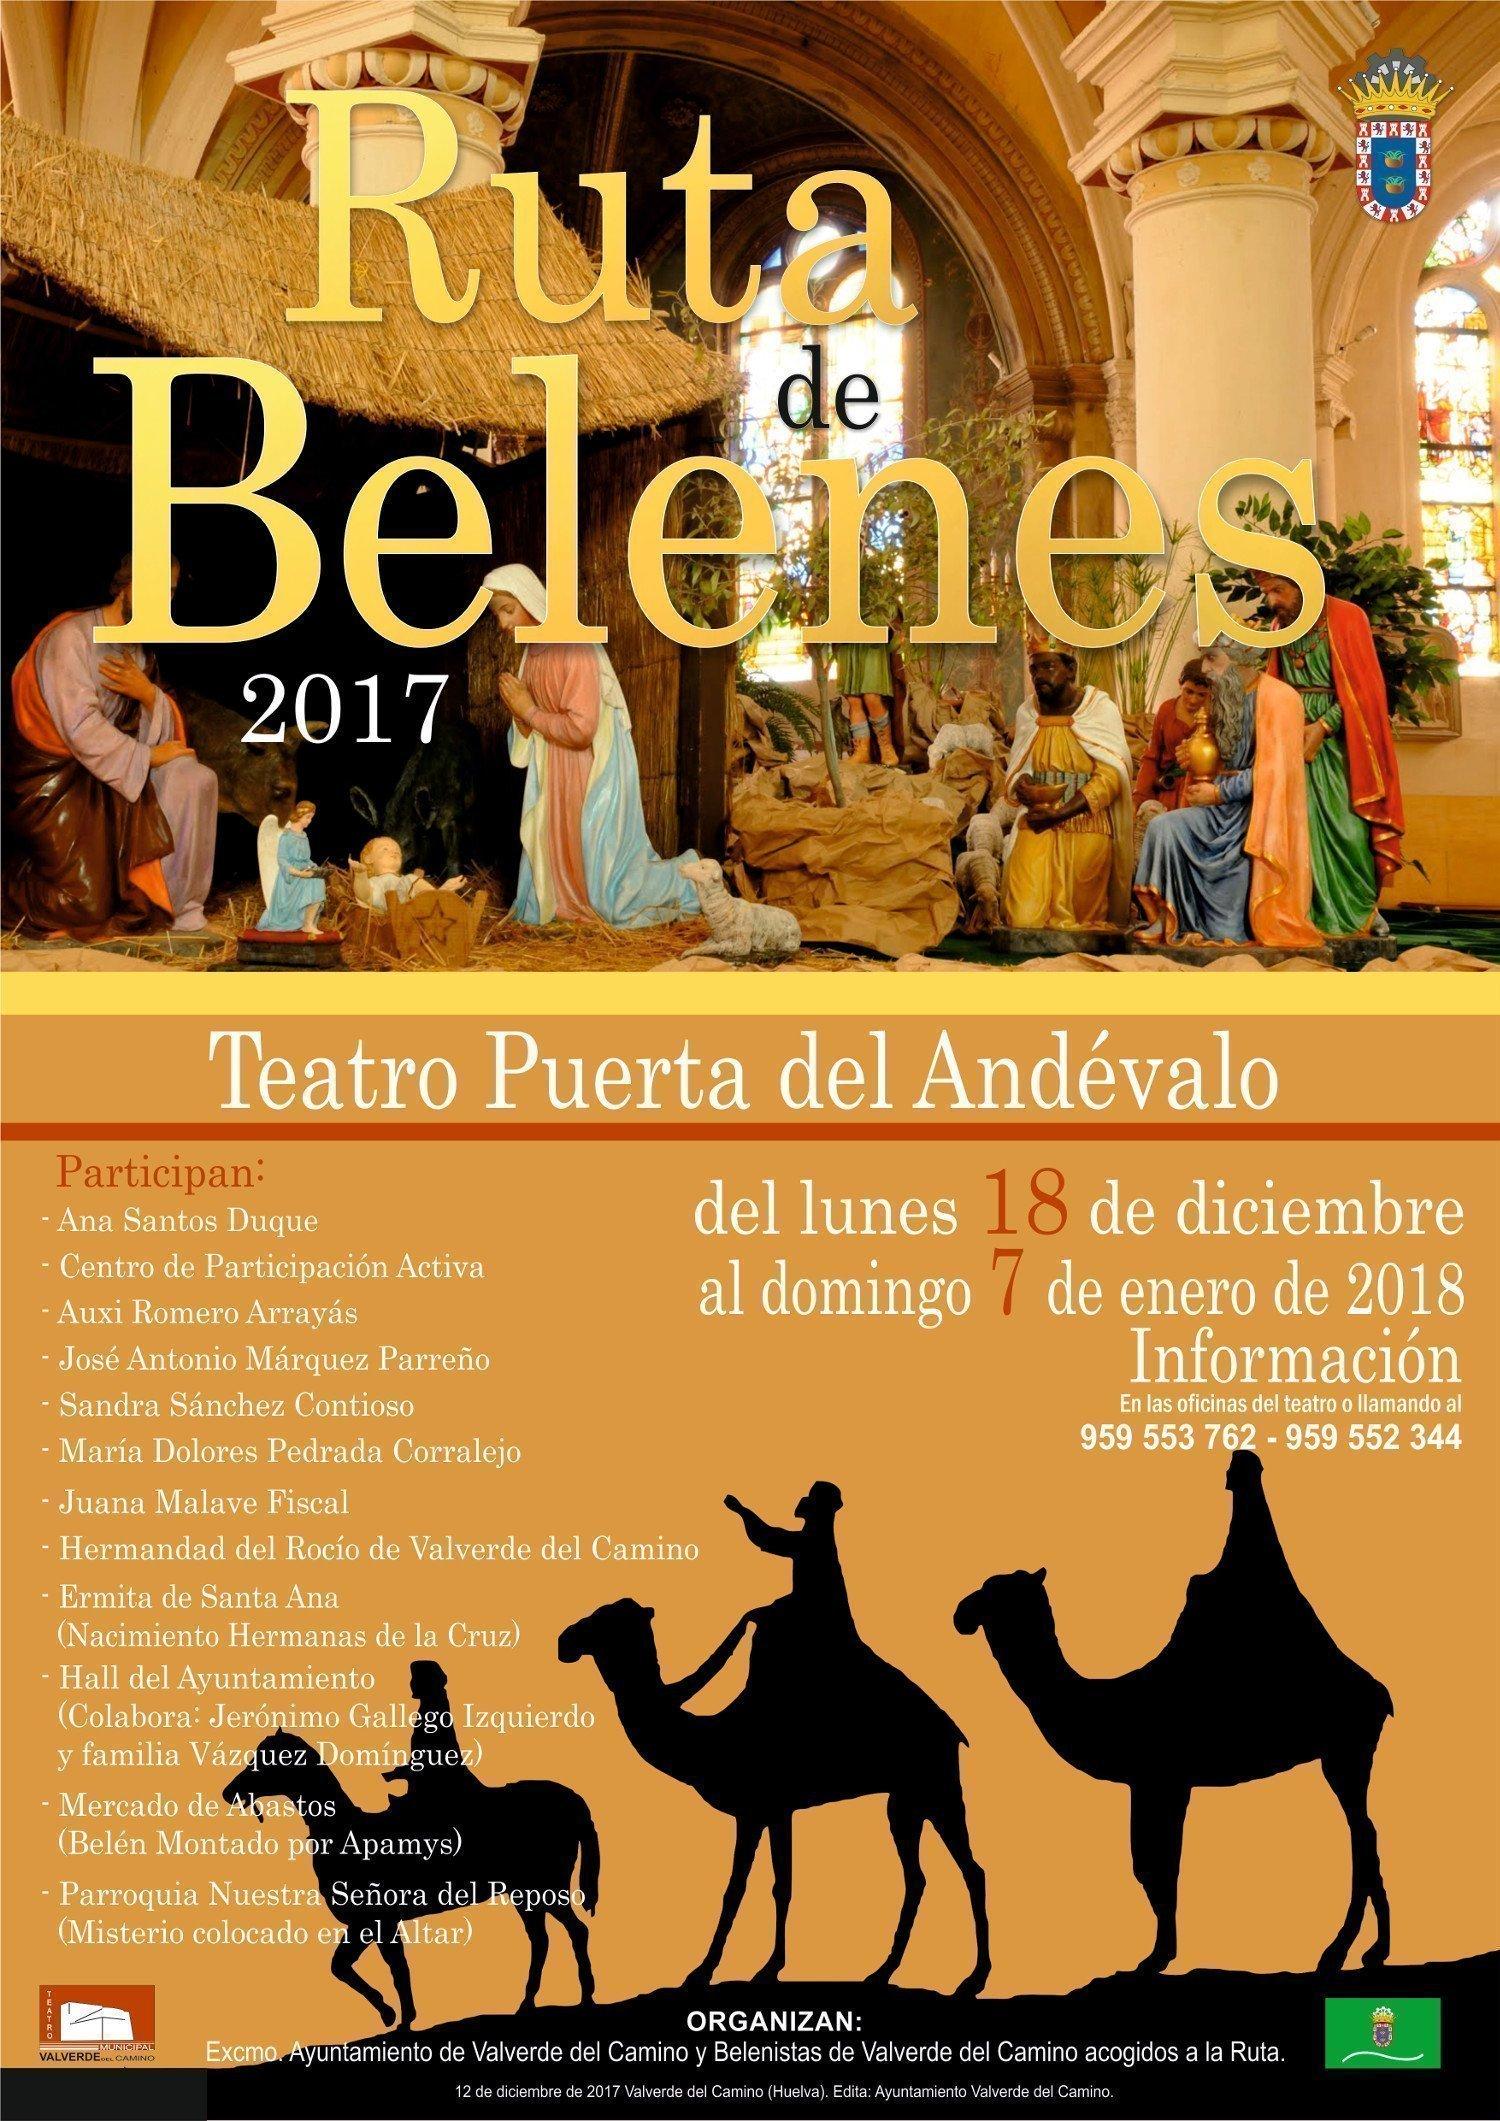 Cartel anunciador de la ruta de los belenes de Valverde del Camino